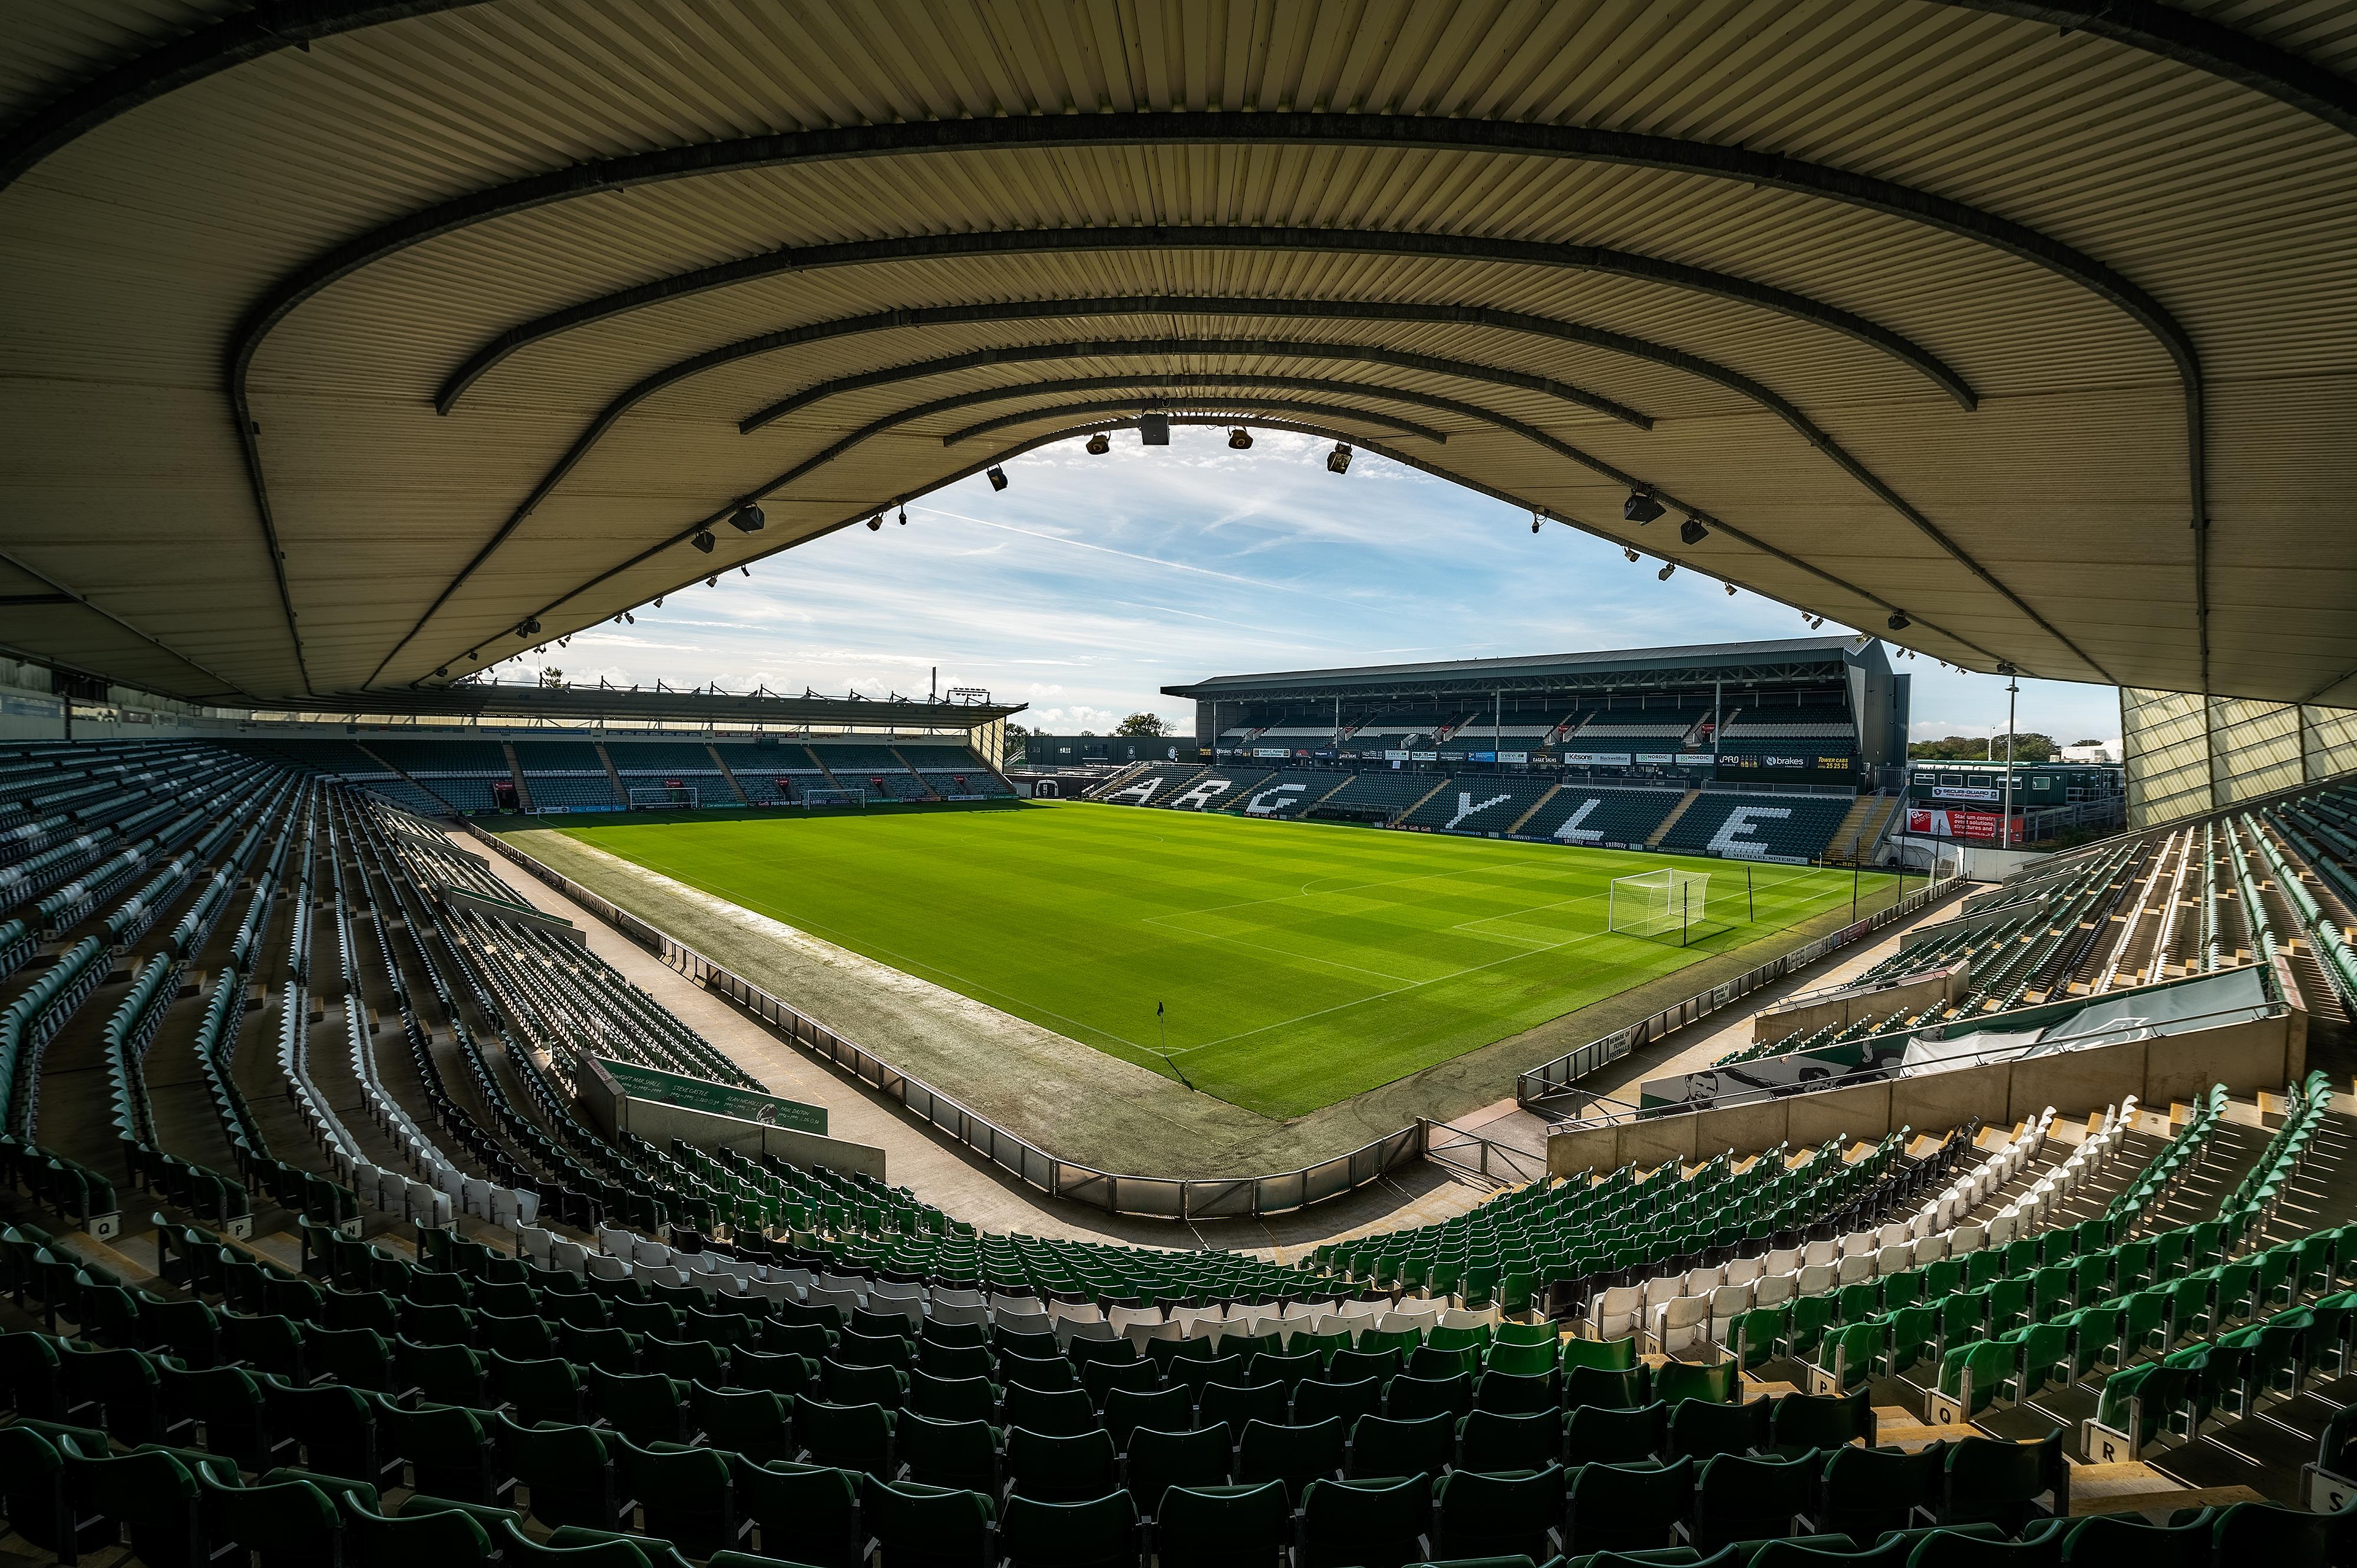 Home Park Stadium